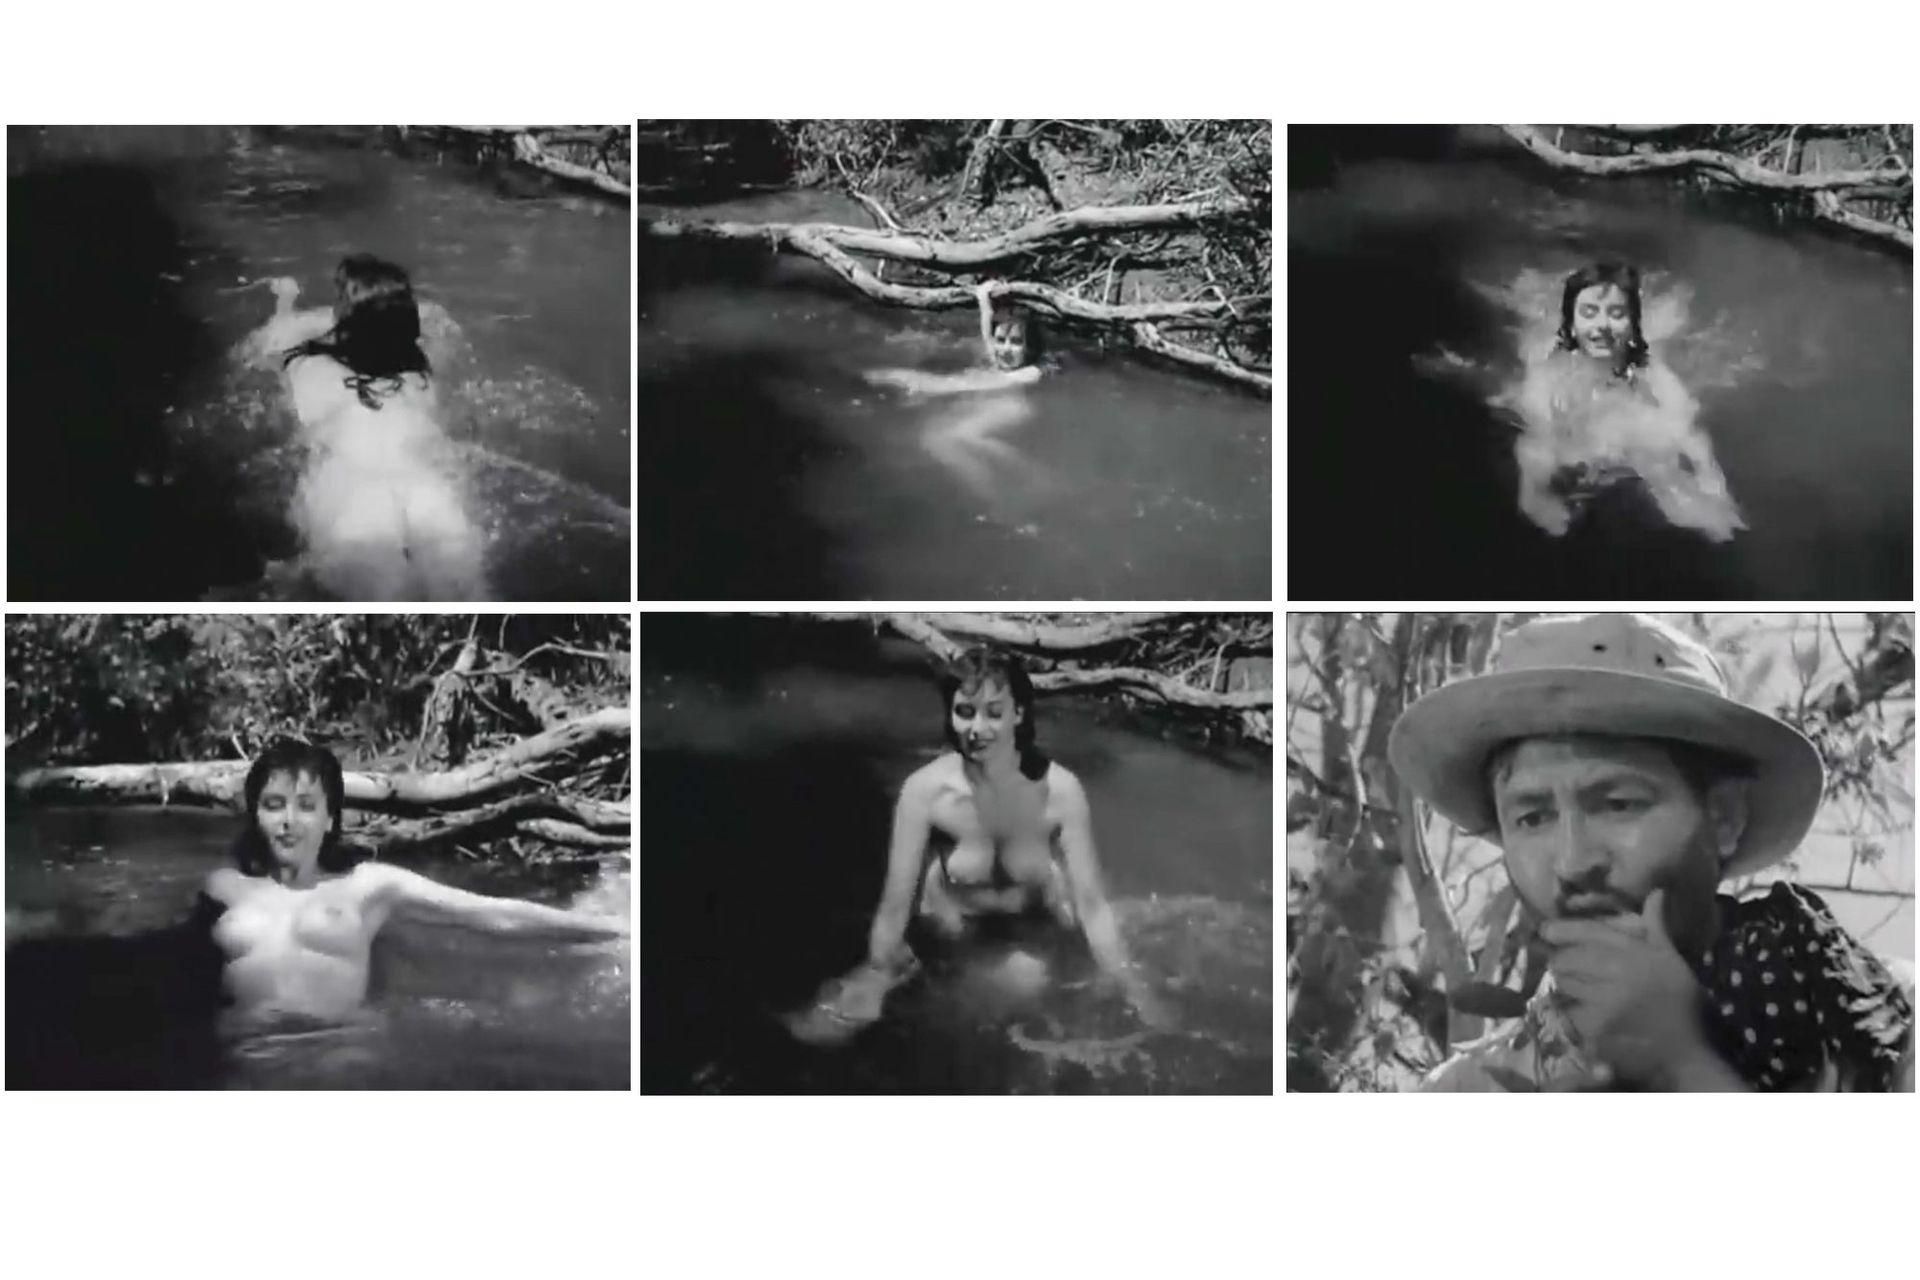 El trueno entre las hojas se estrenó el 2 de octubre de 1958. Basada en un cuento de Roa Bastos, fue el primer desnudo frontal del cine argentino.